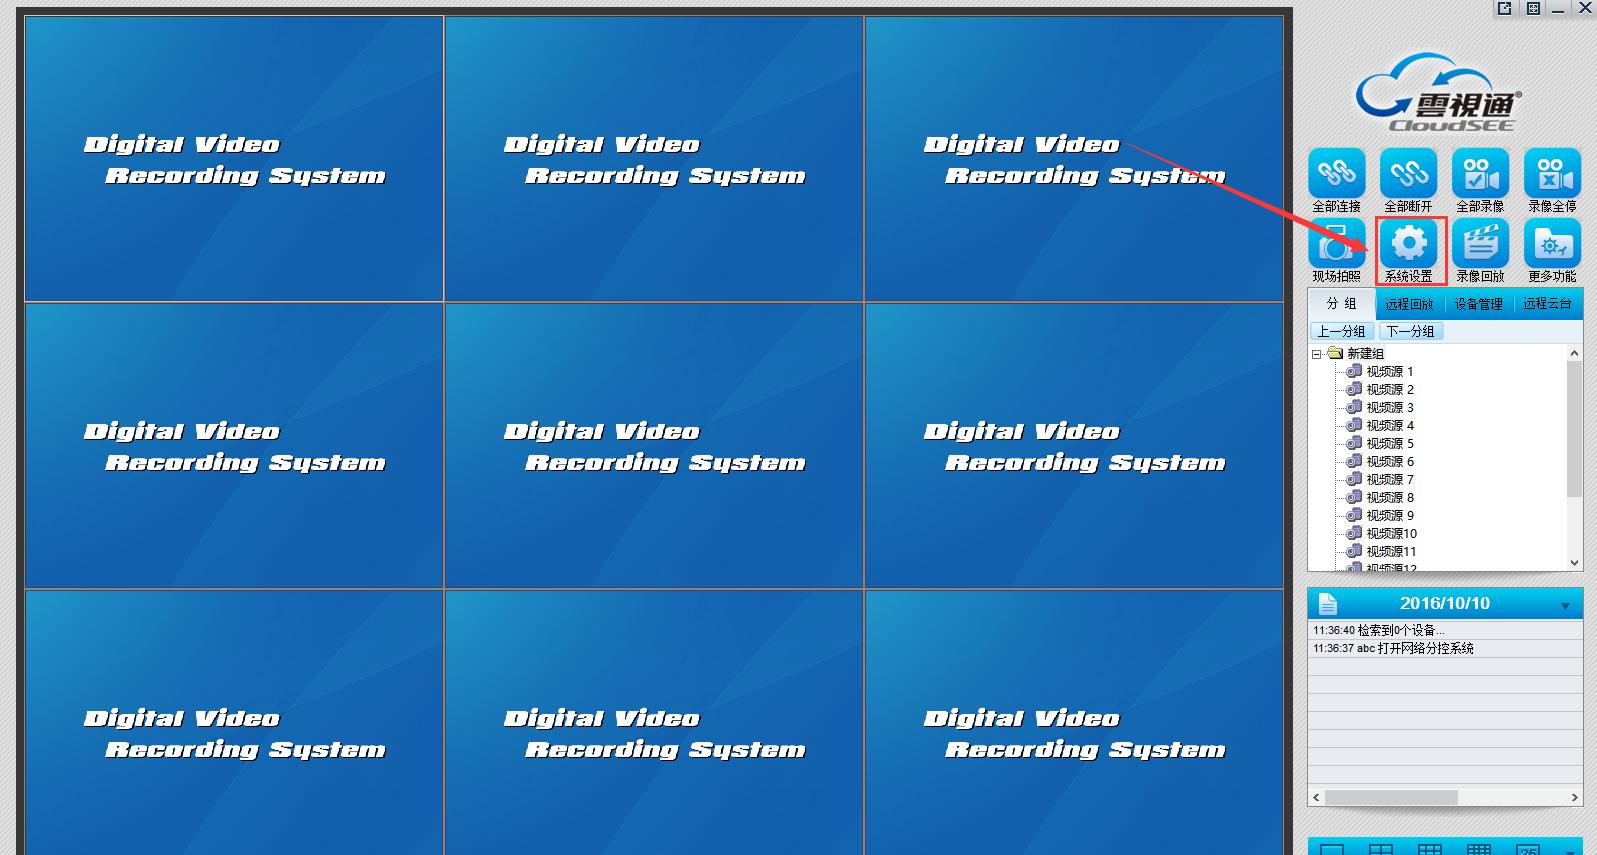 云视通网络监控系统截图